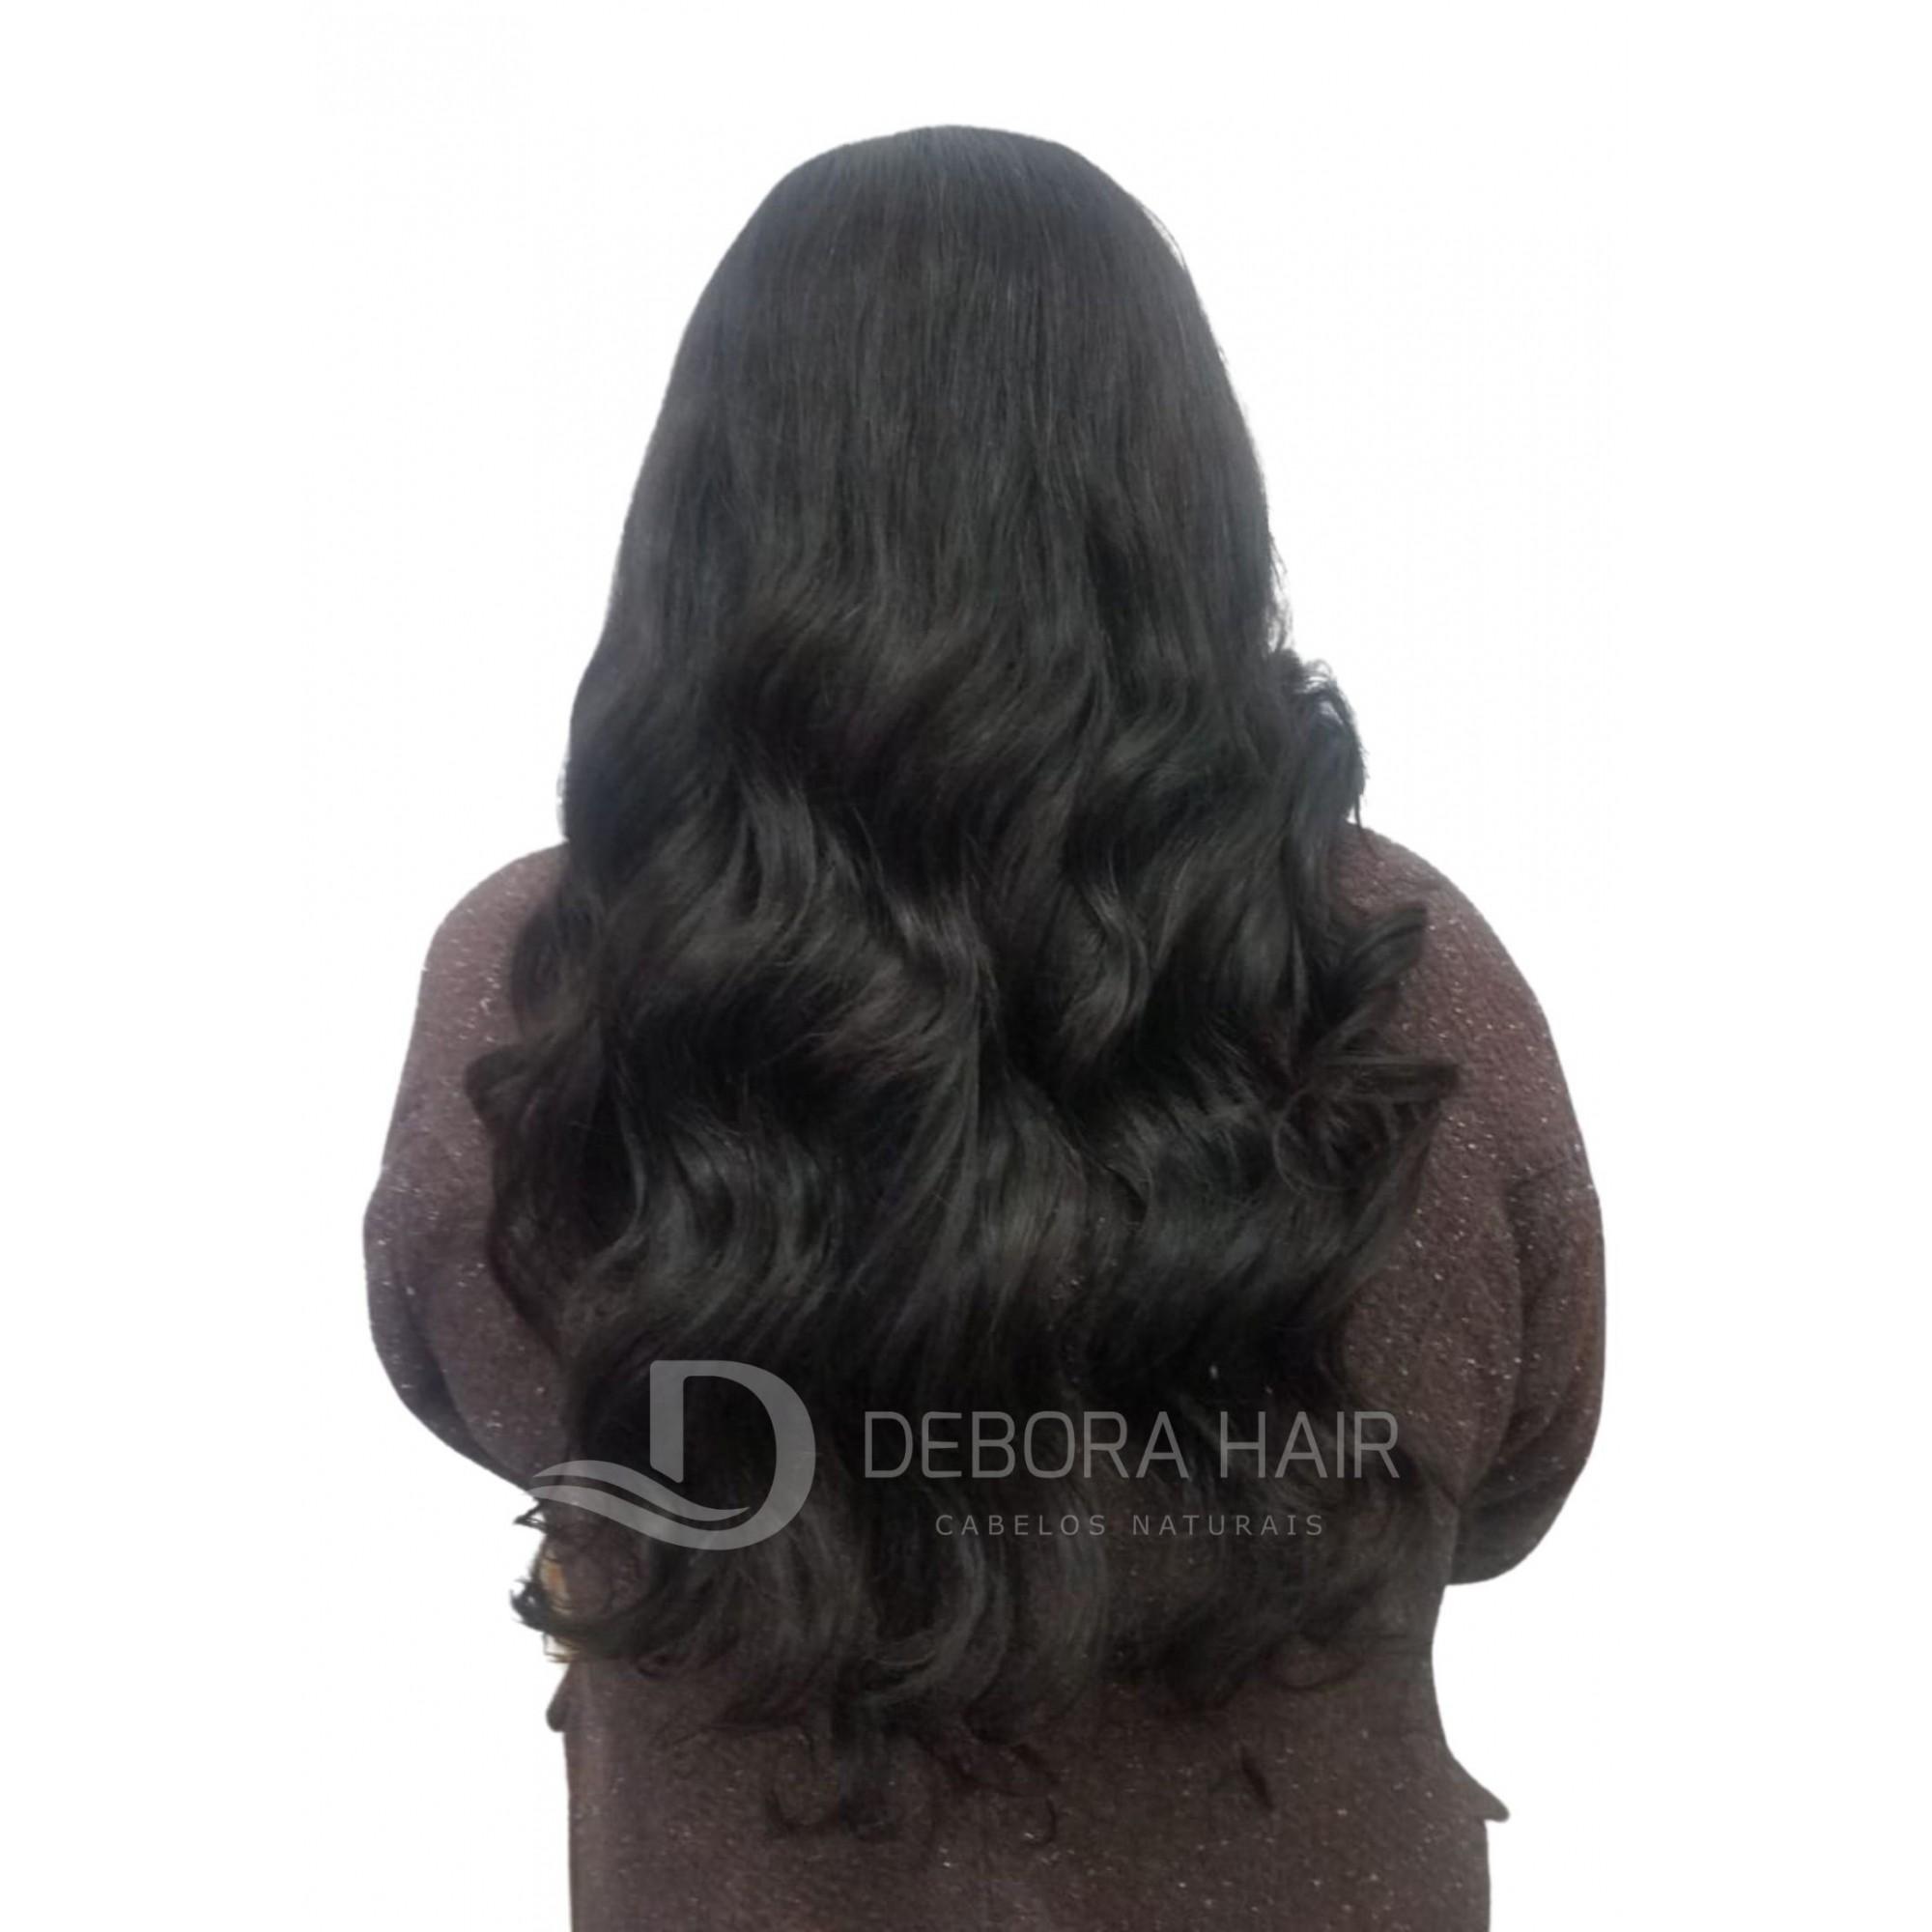 Cabelo Natural Leve Ondulado Castanho de 70 cm  - DEBORA HAIR